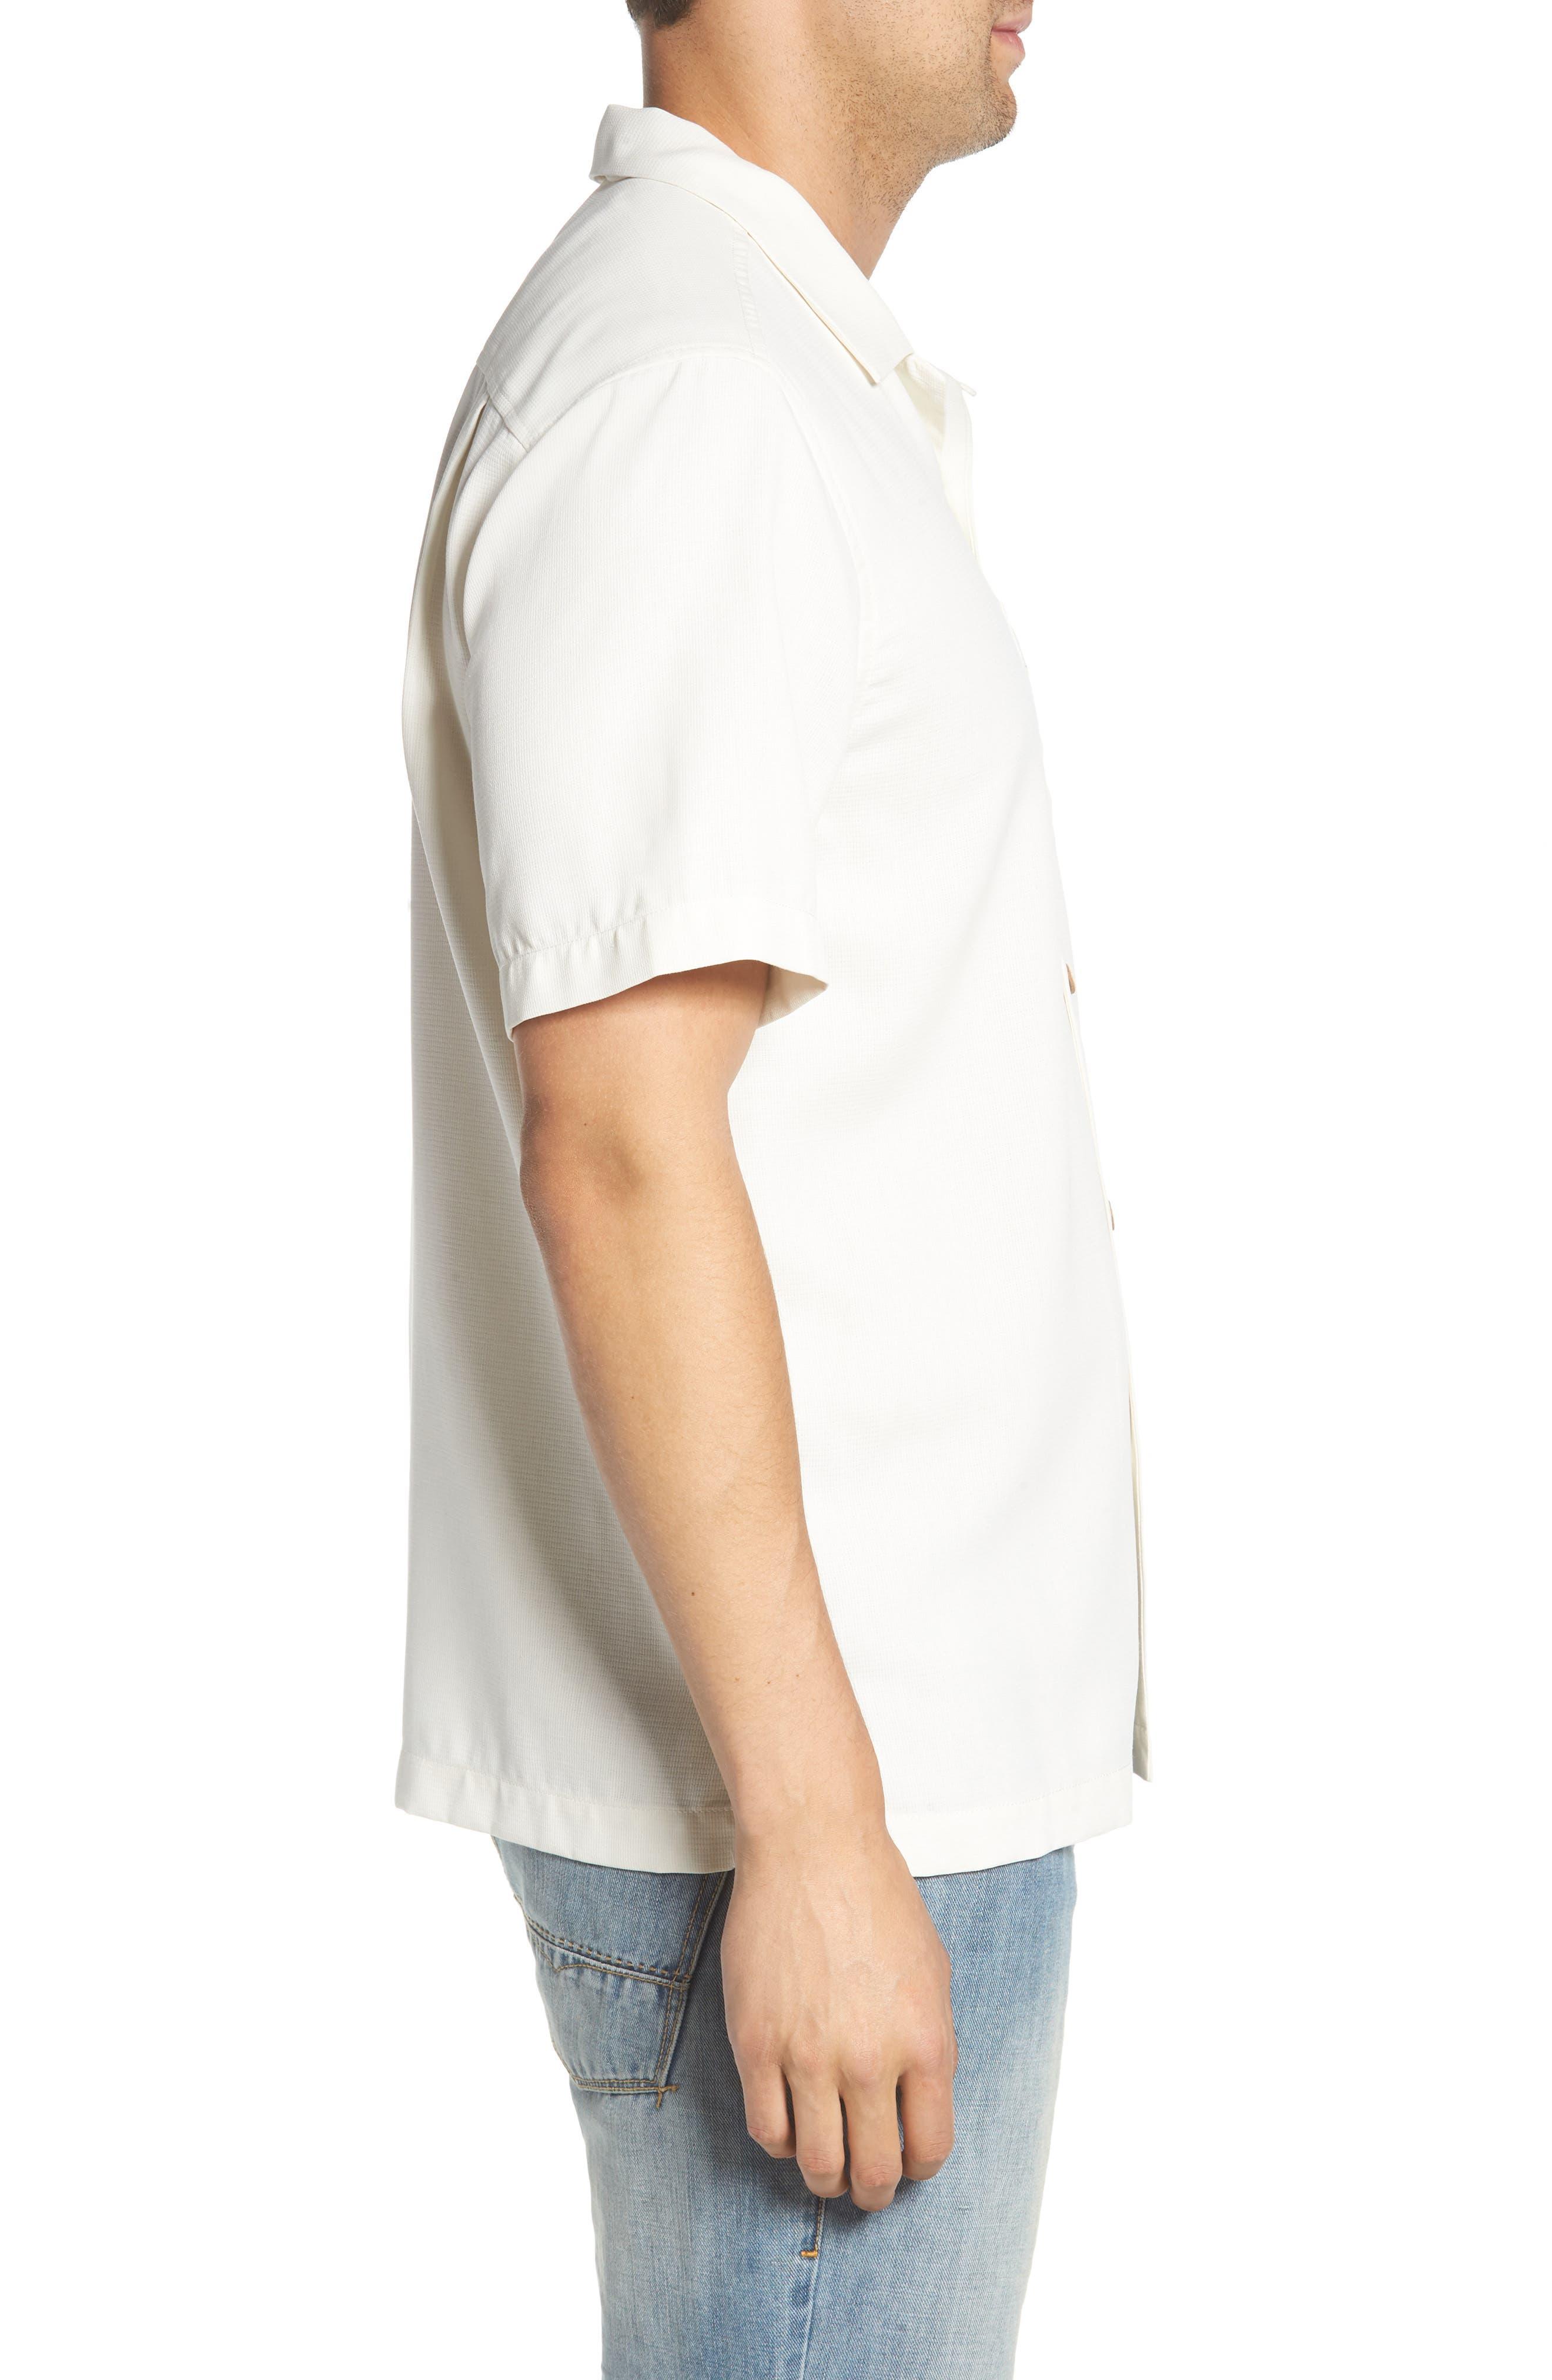 TOMMY BAHAMA,                             Royal Bermuda Silk Blend Camp Shirt,                             Alternate thumbnail 3, color,                             CONTINENTAL